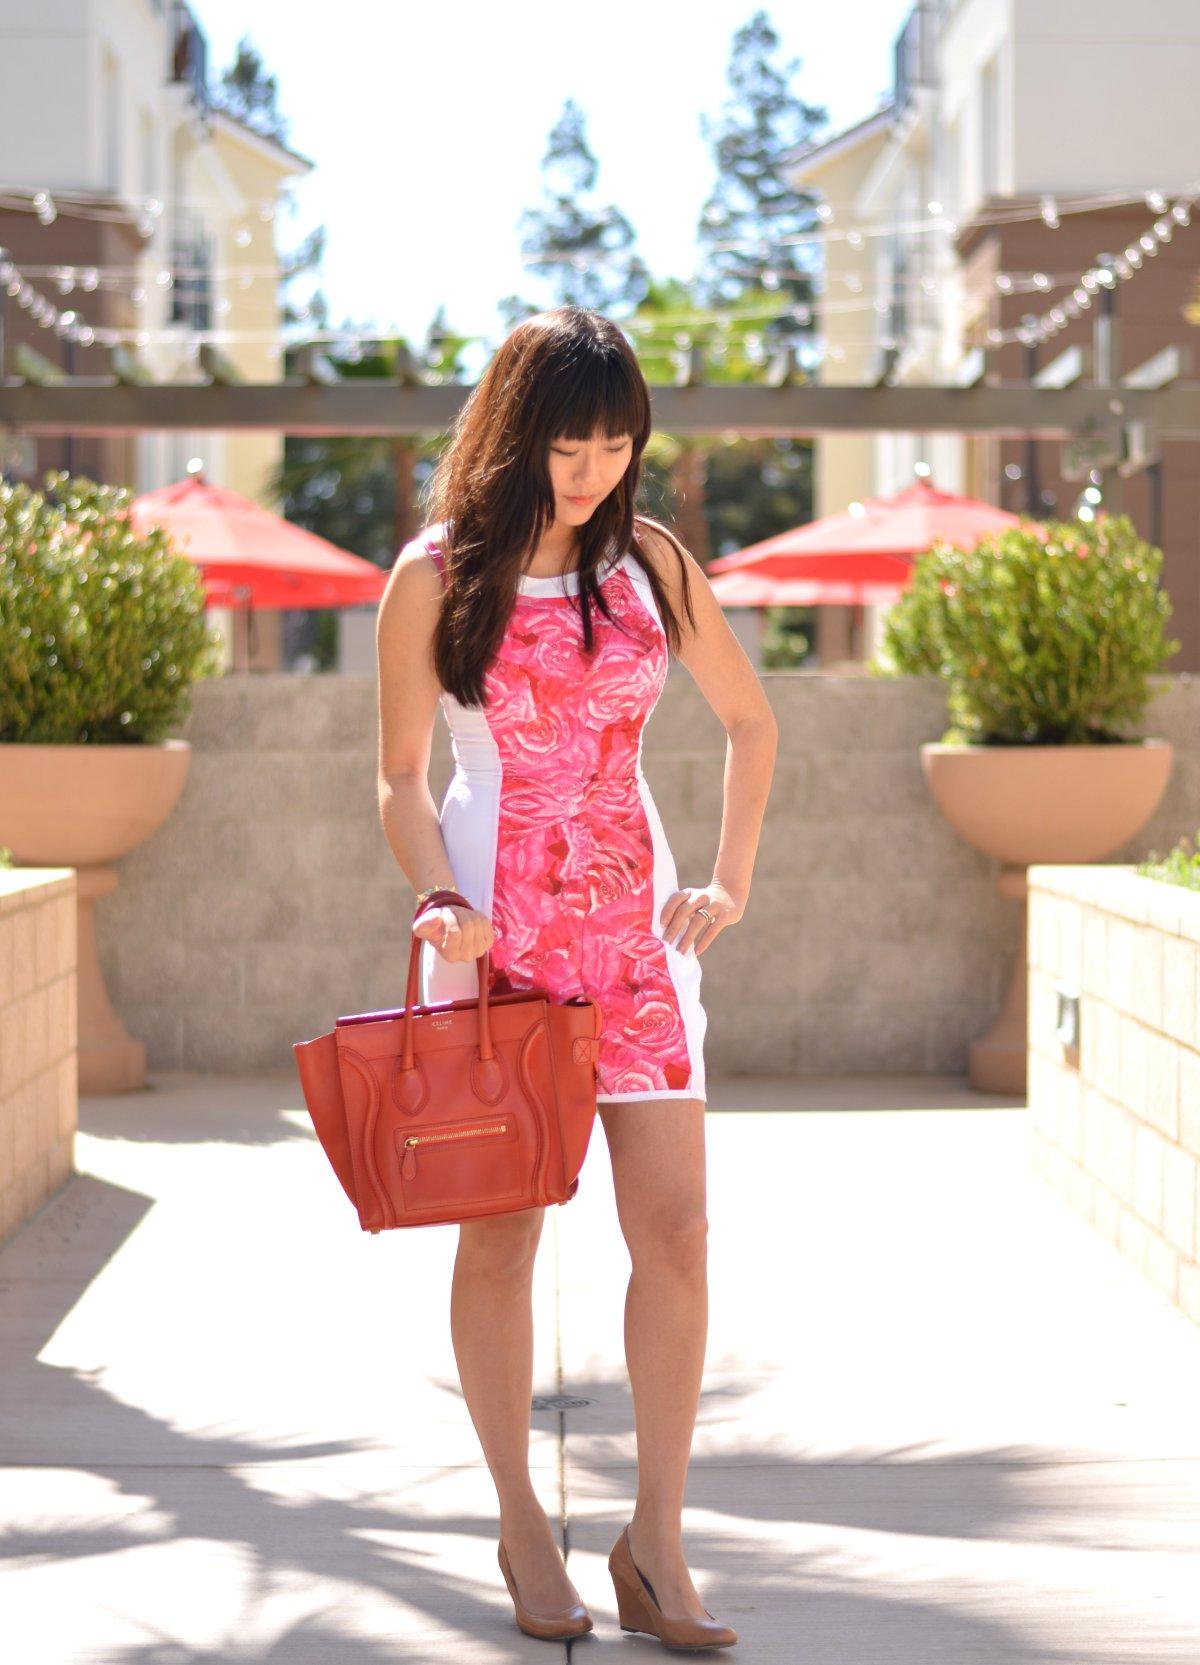 rose and white keepsake mini shift dress beige wedges celine structured handbag  outfit 513fe532ee359